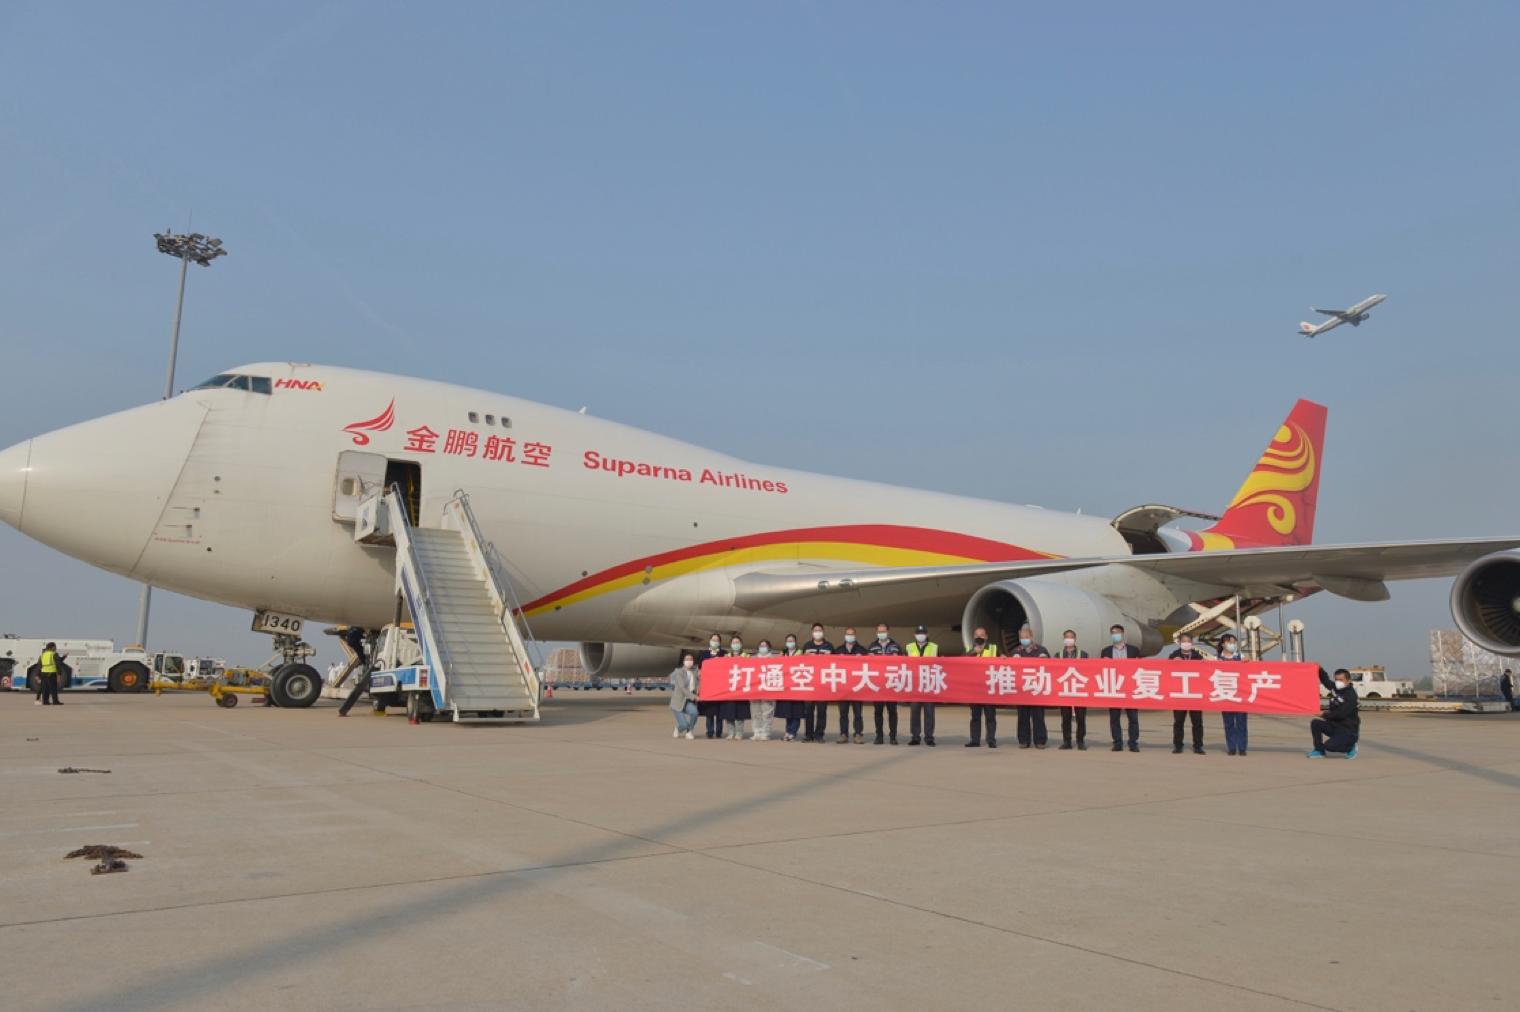 金鹏航空波音747全货机从武汉起飞,运送医疗物资驰援澳大利亚